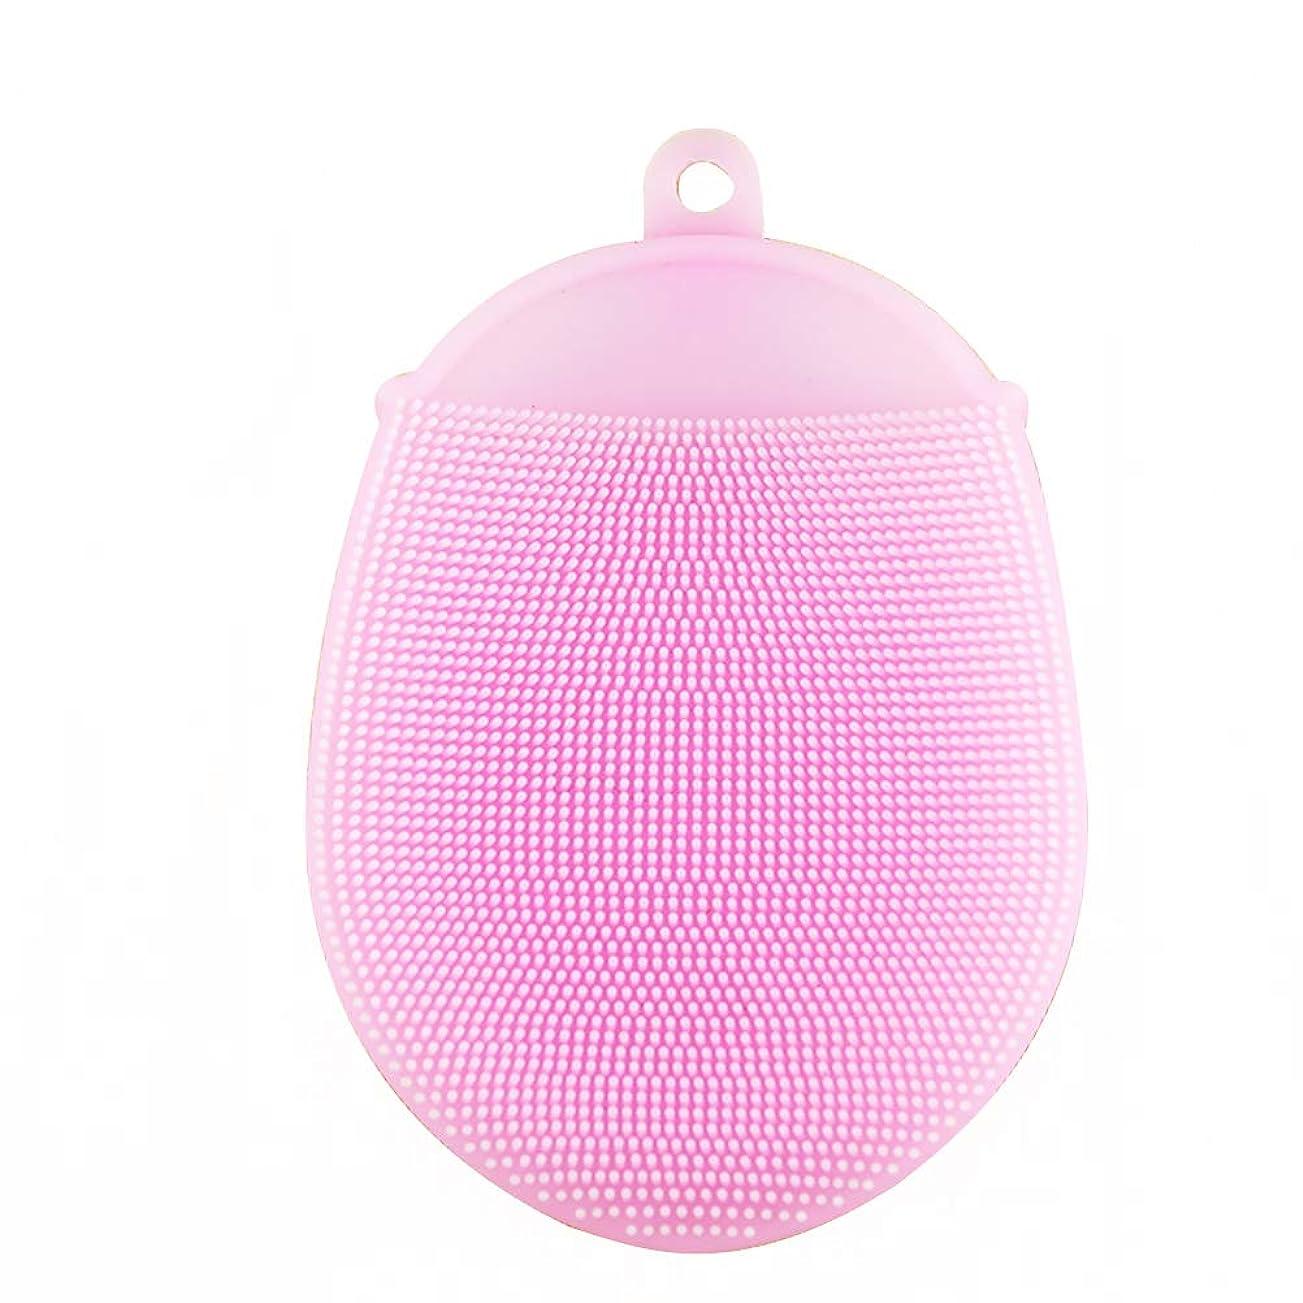 活性化追放する傾斜Healifty シリコン 入浴ブラシ 抗菌 シャワースクラバー 洗顔パッド 2本入 (ピンク)